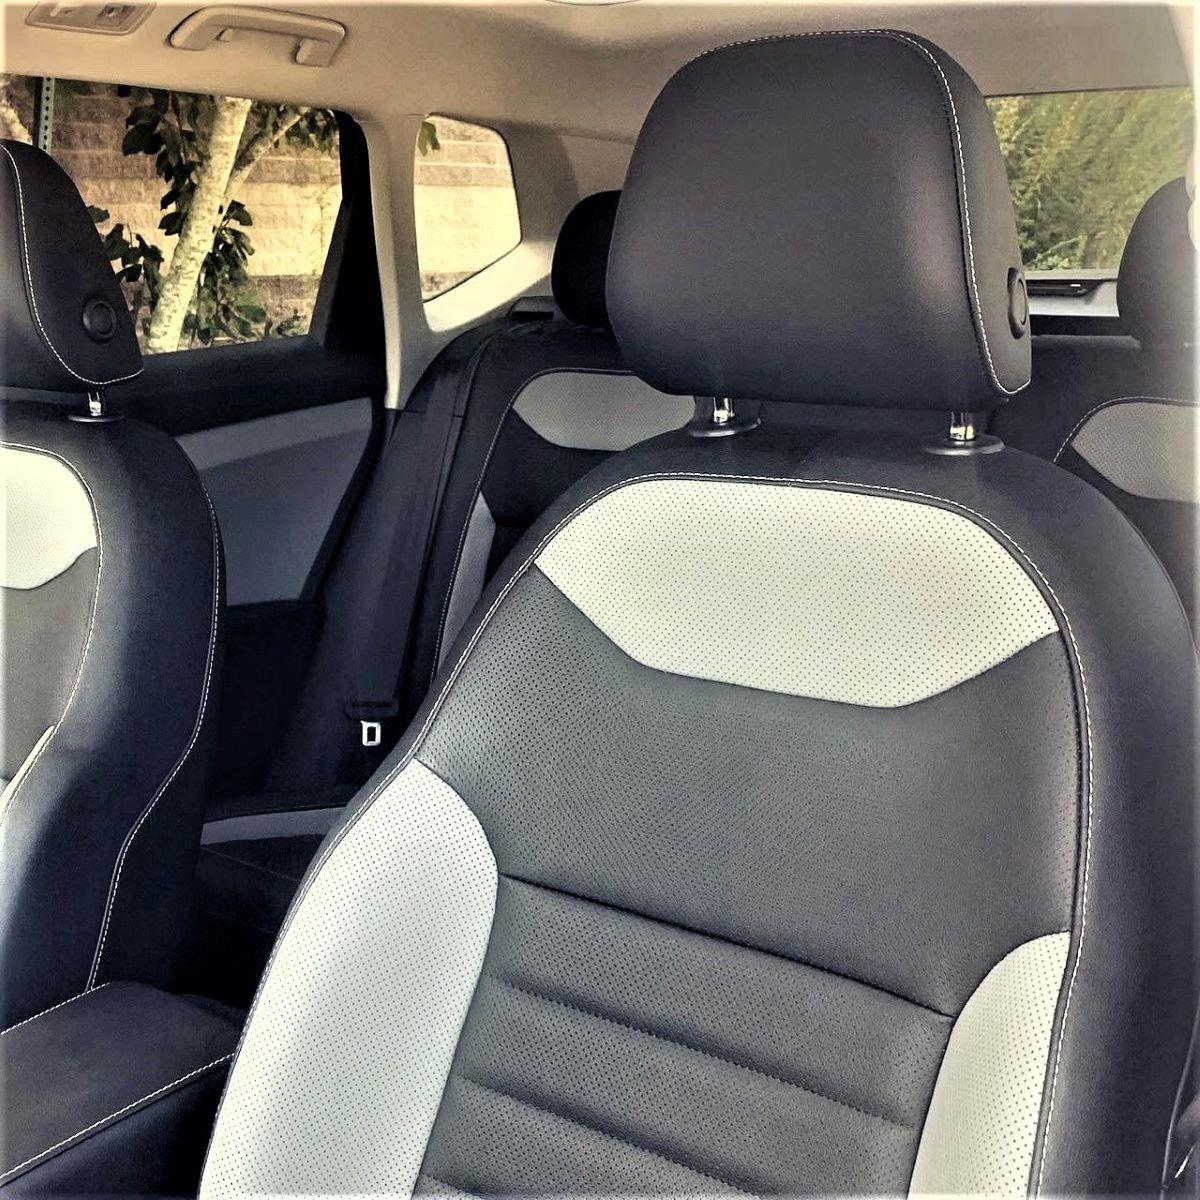 Volkswagen Taos front seats